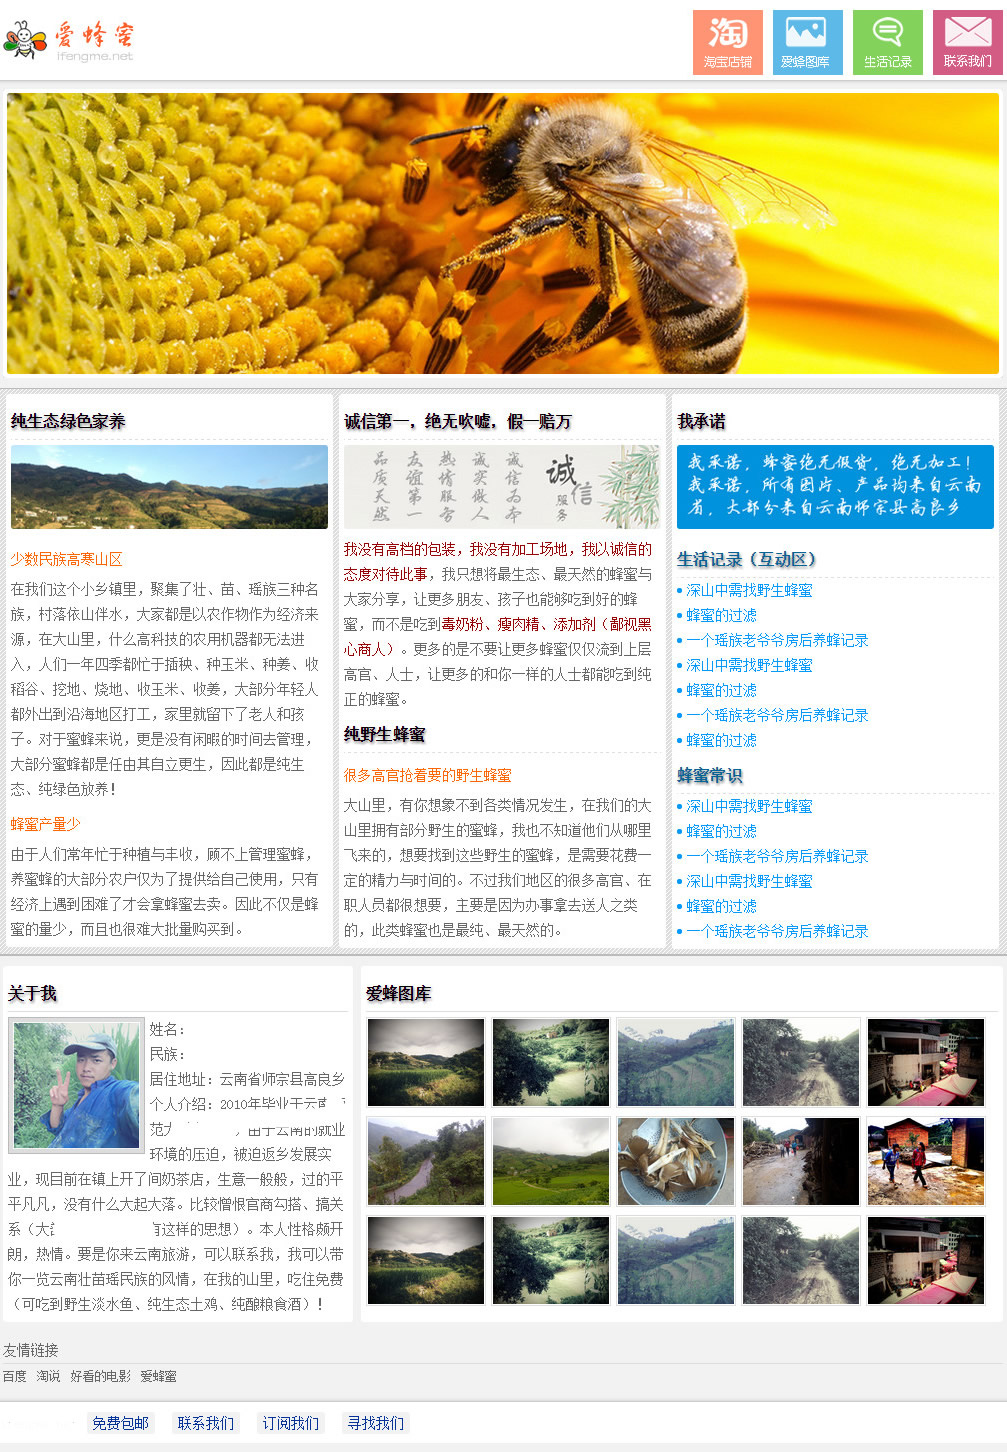 爱蜂蜜网站